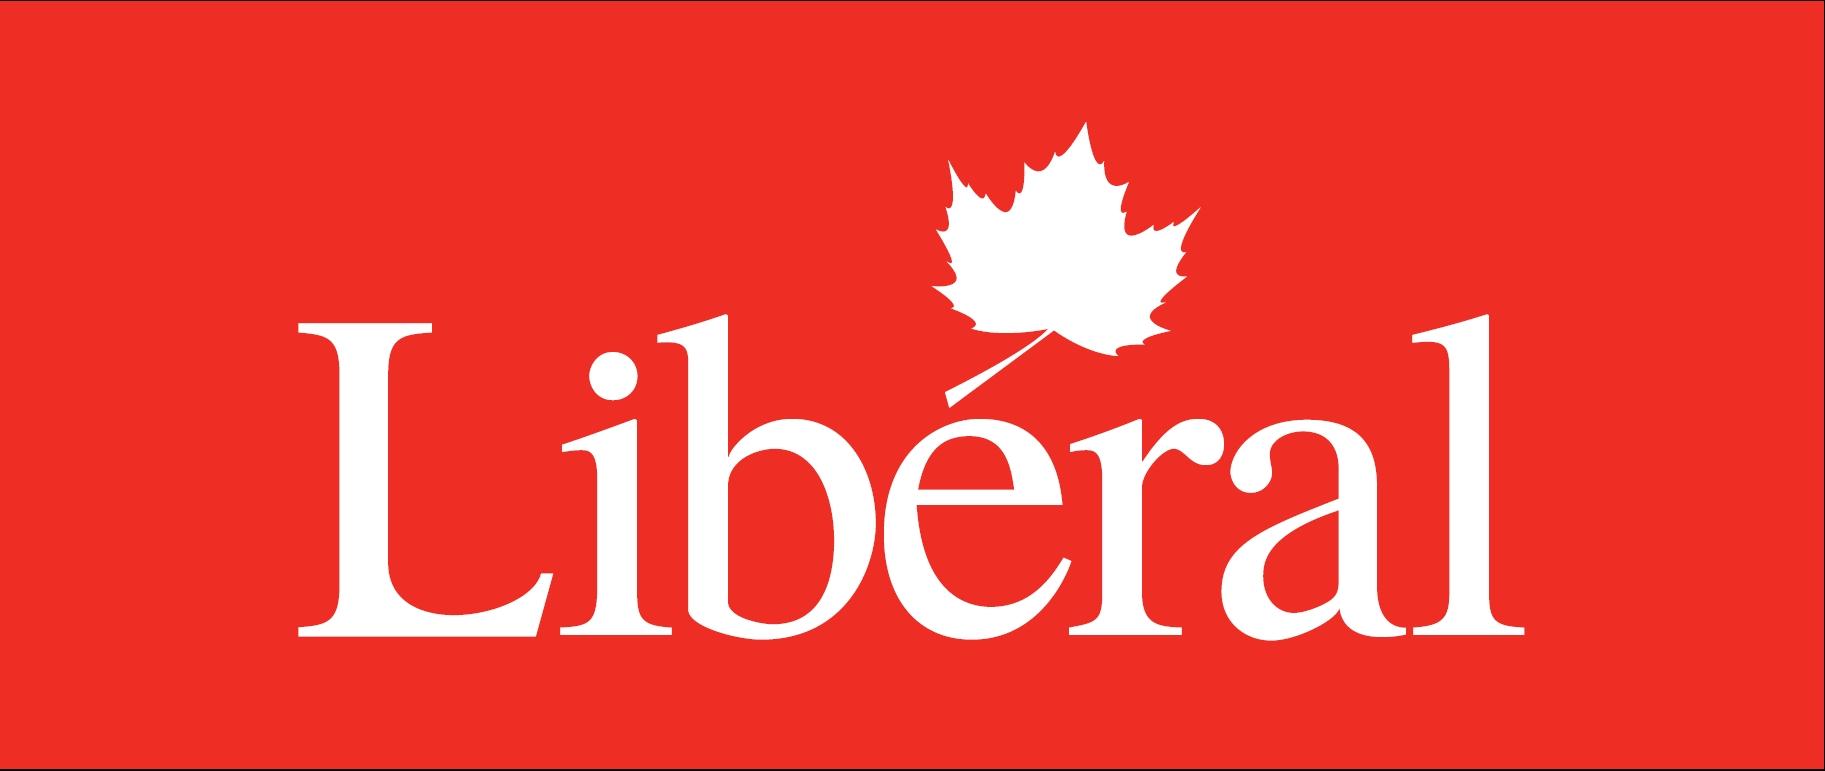 صوره معنى ليبرالي , مفهوم الليبرالية وانواعها